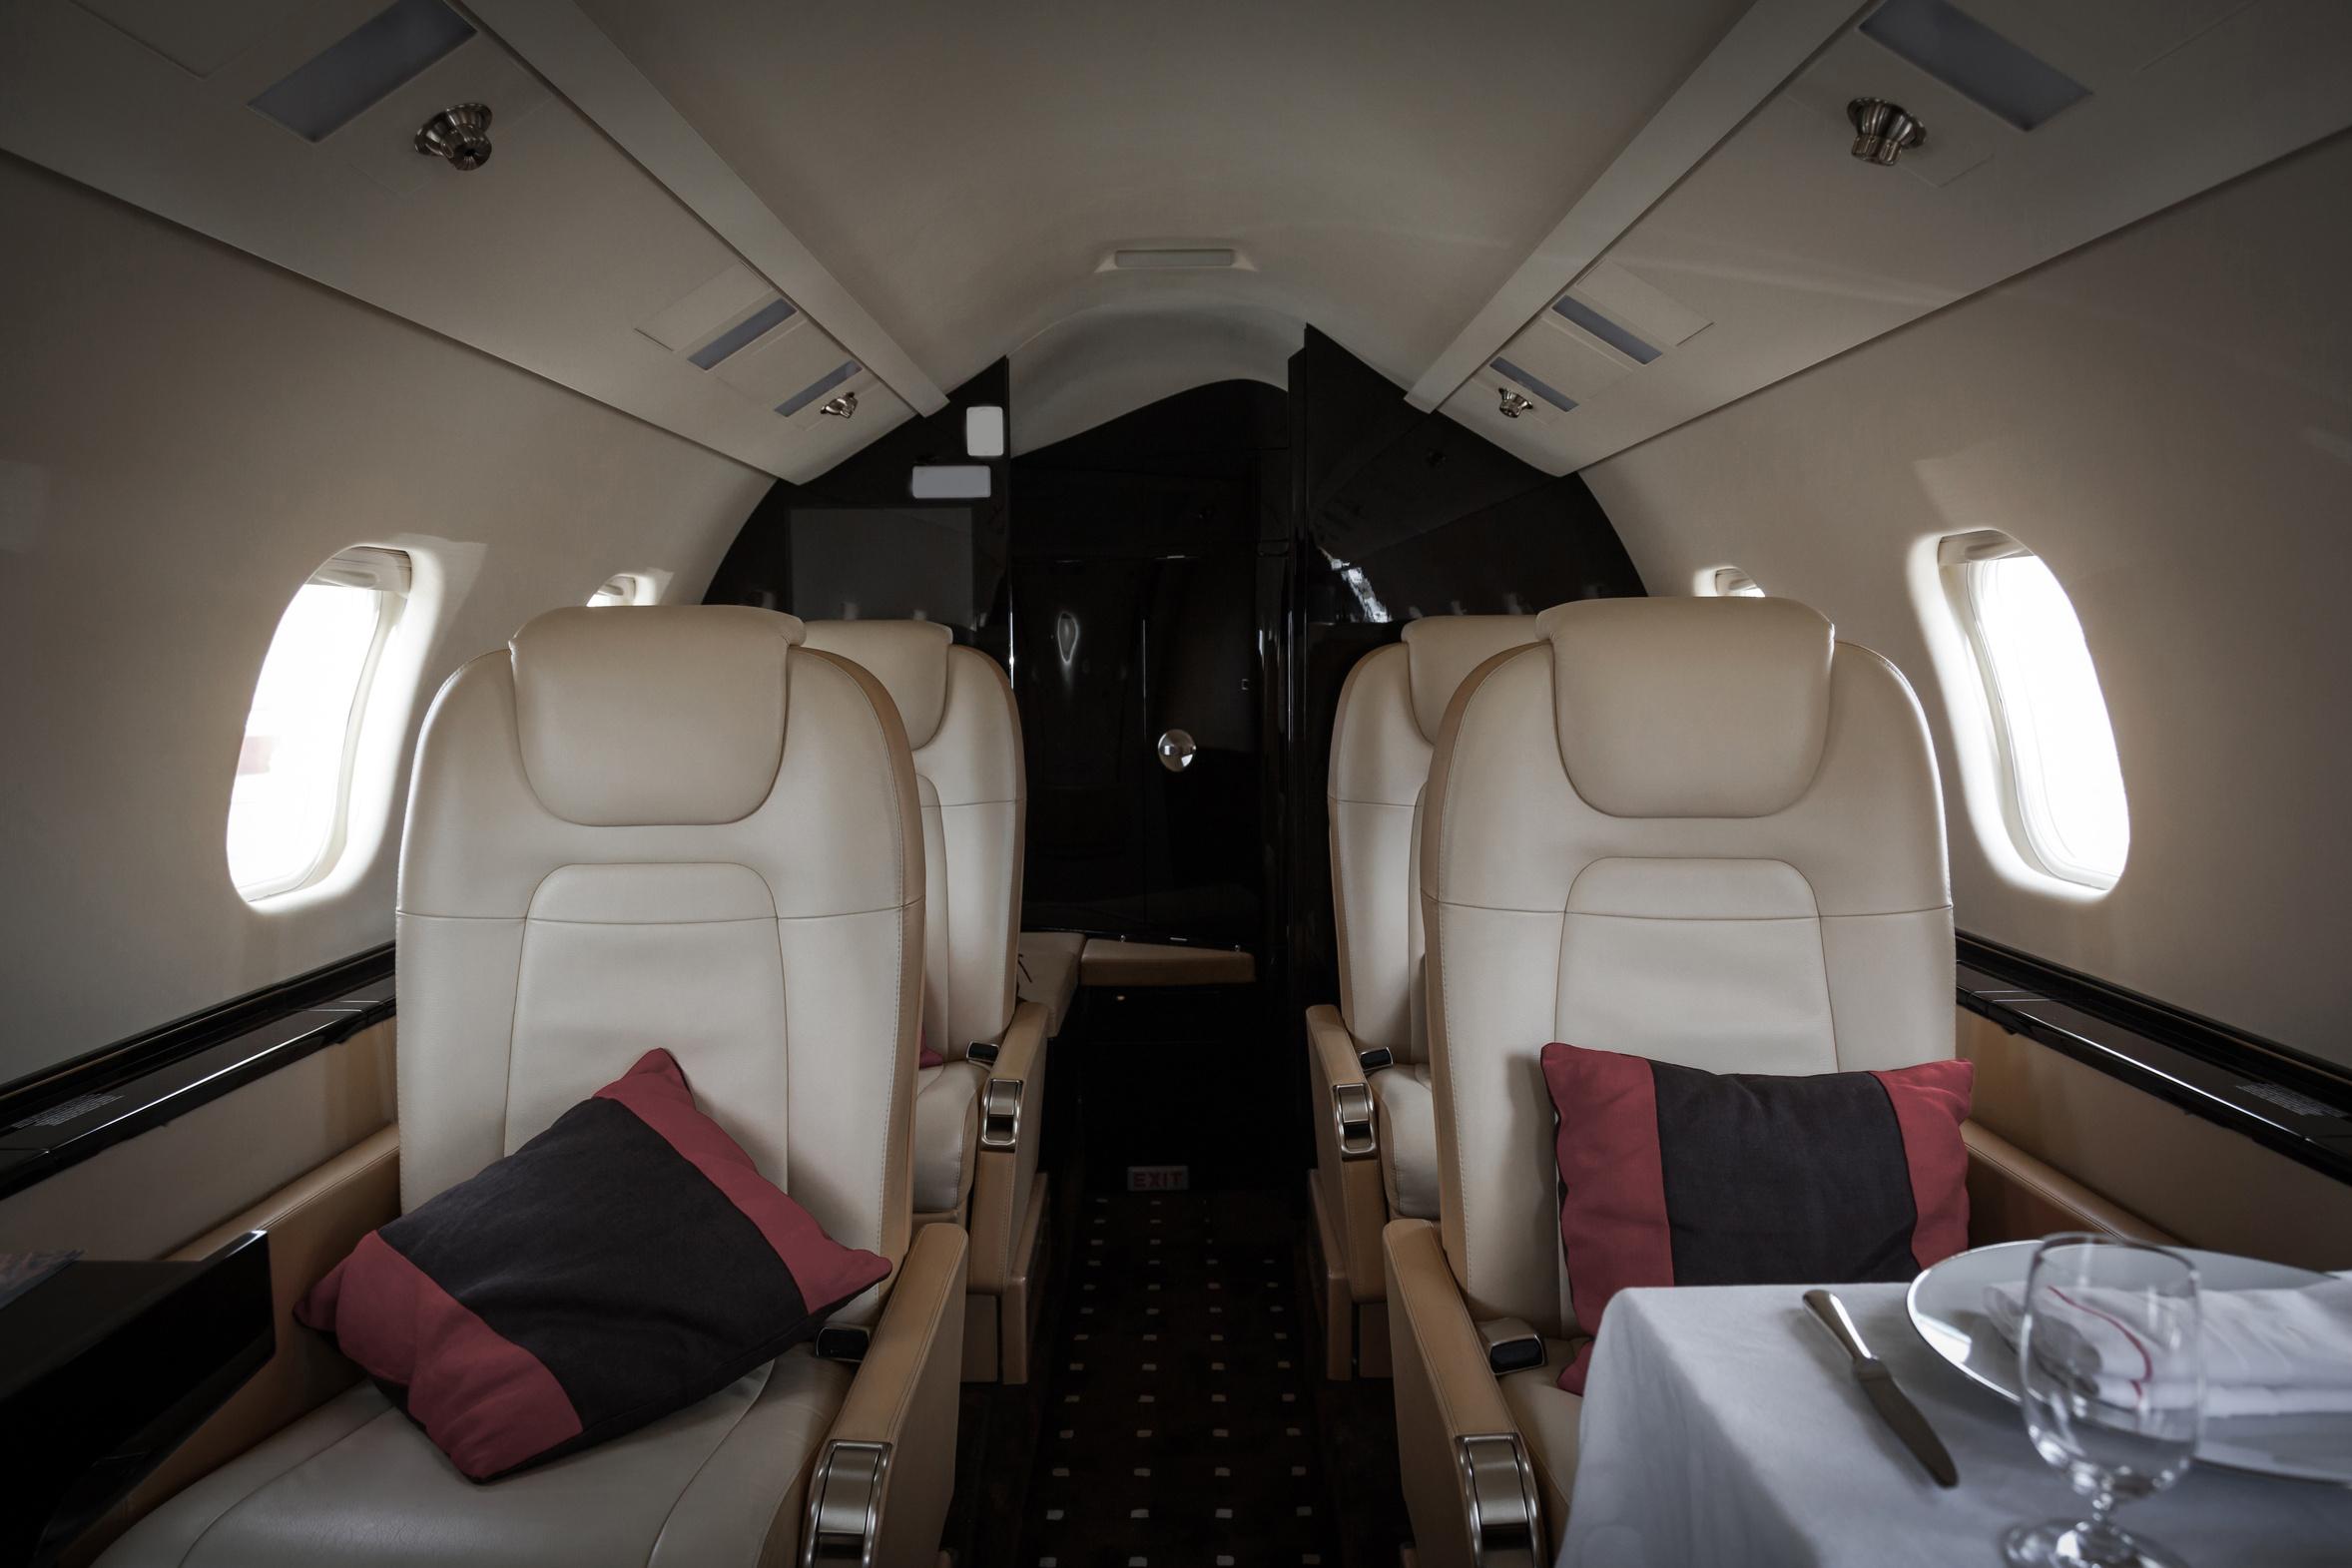 Luxury plane interior